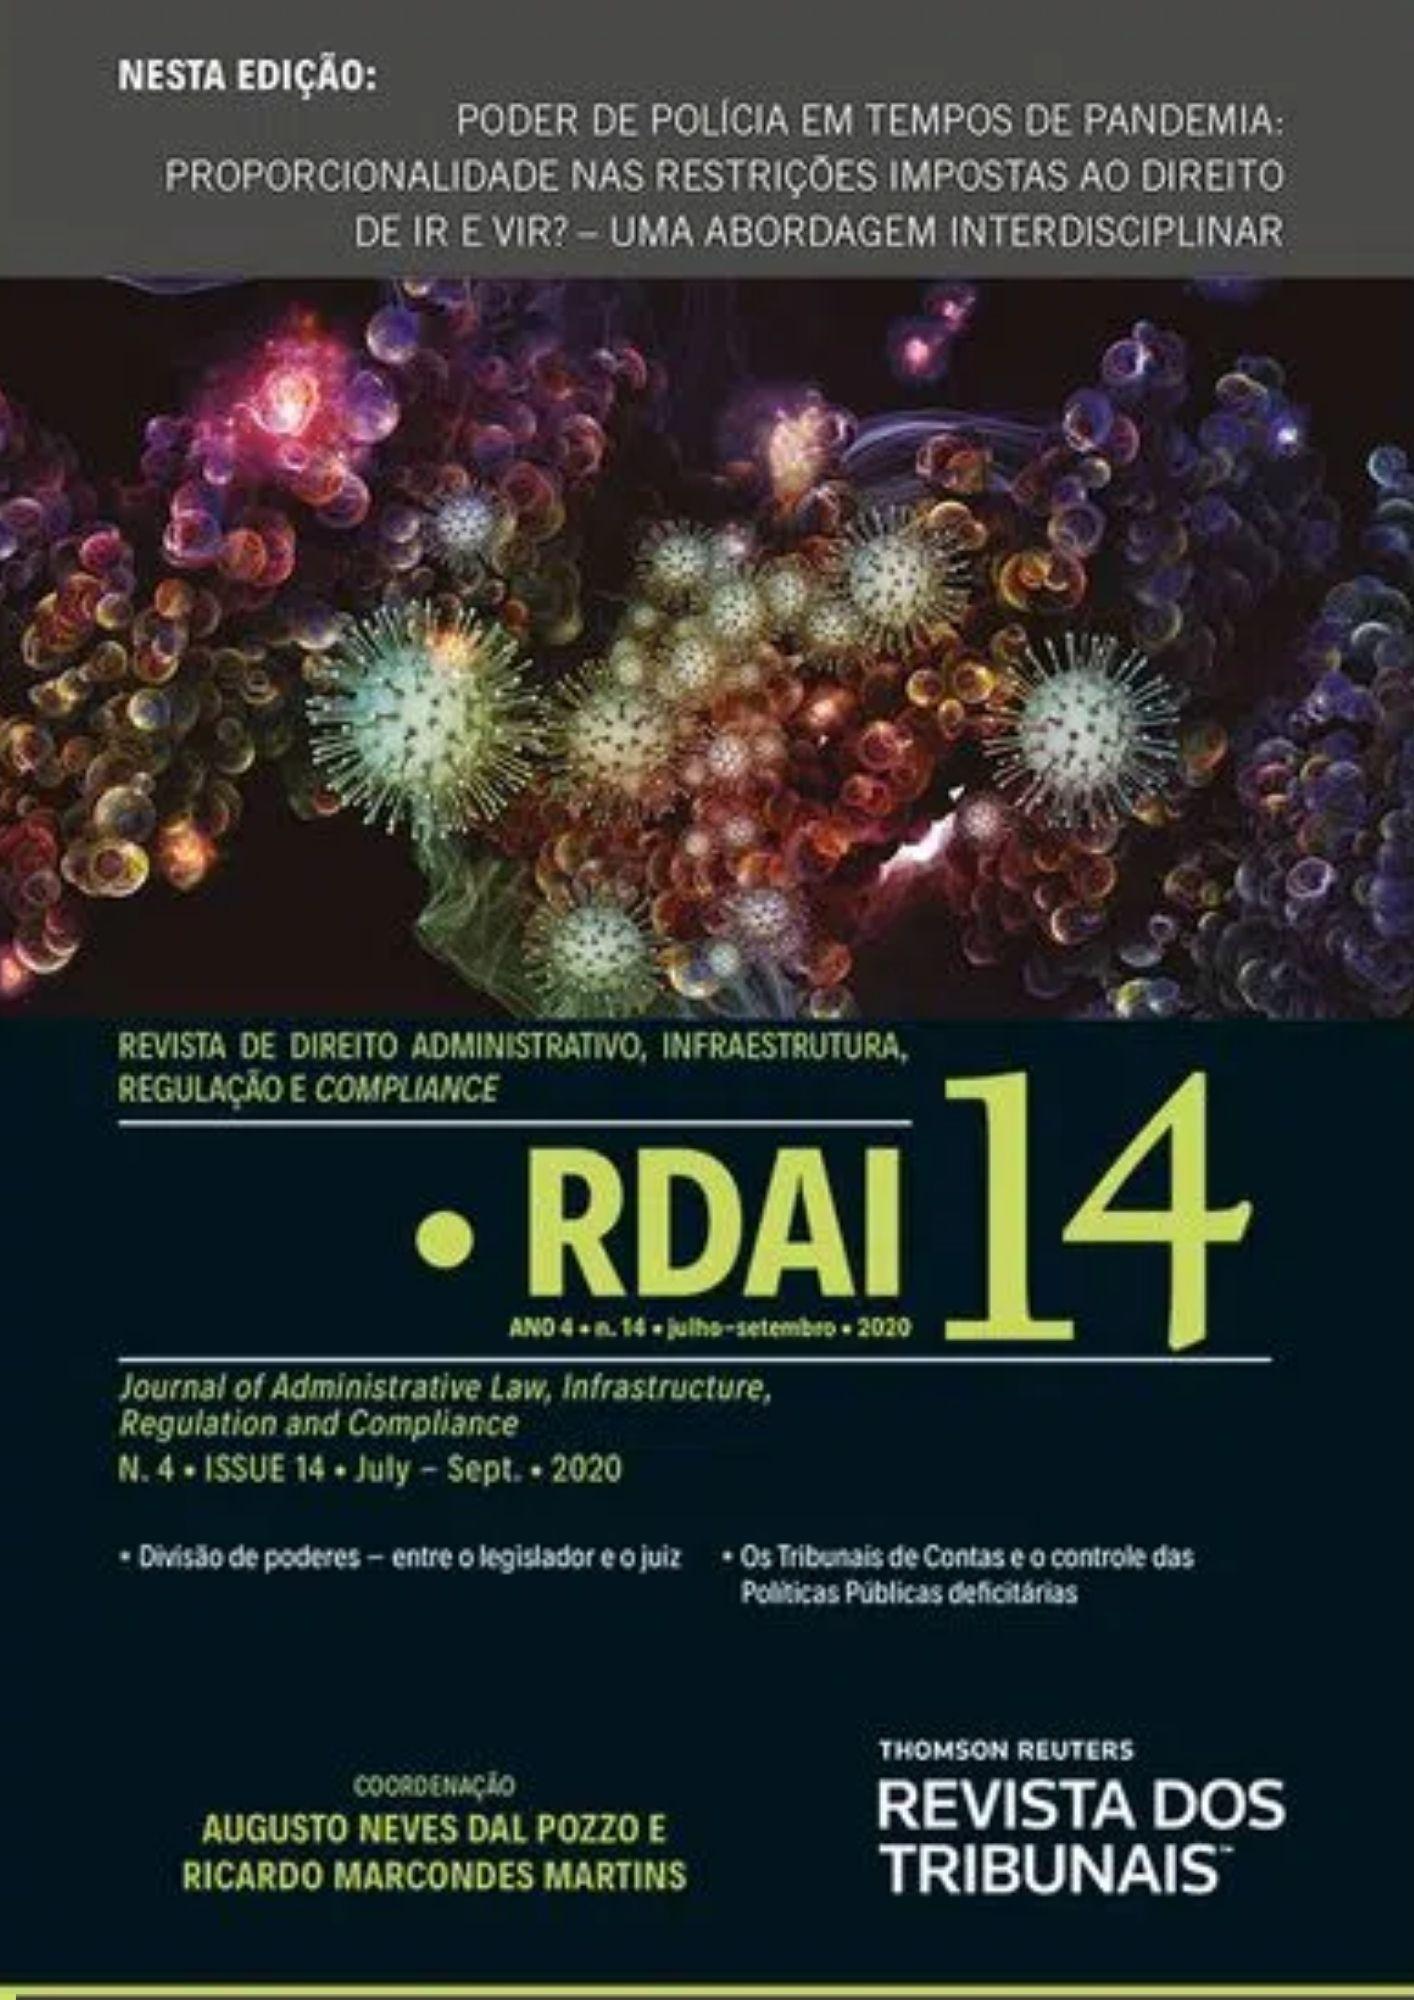 RDAI 14